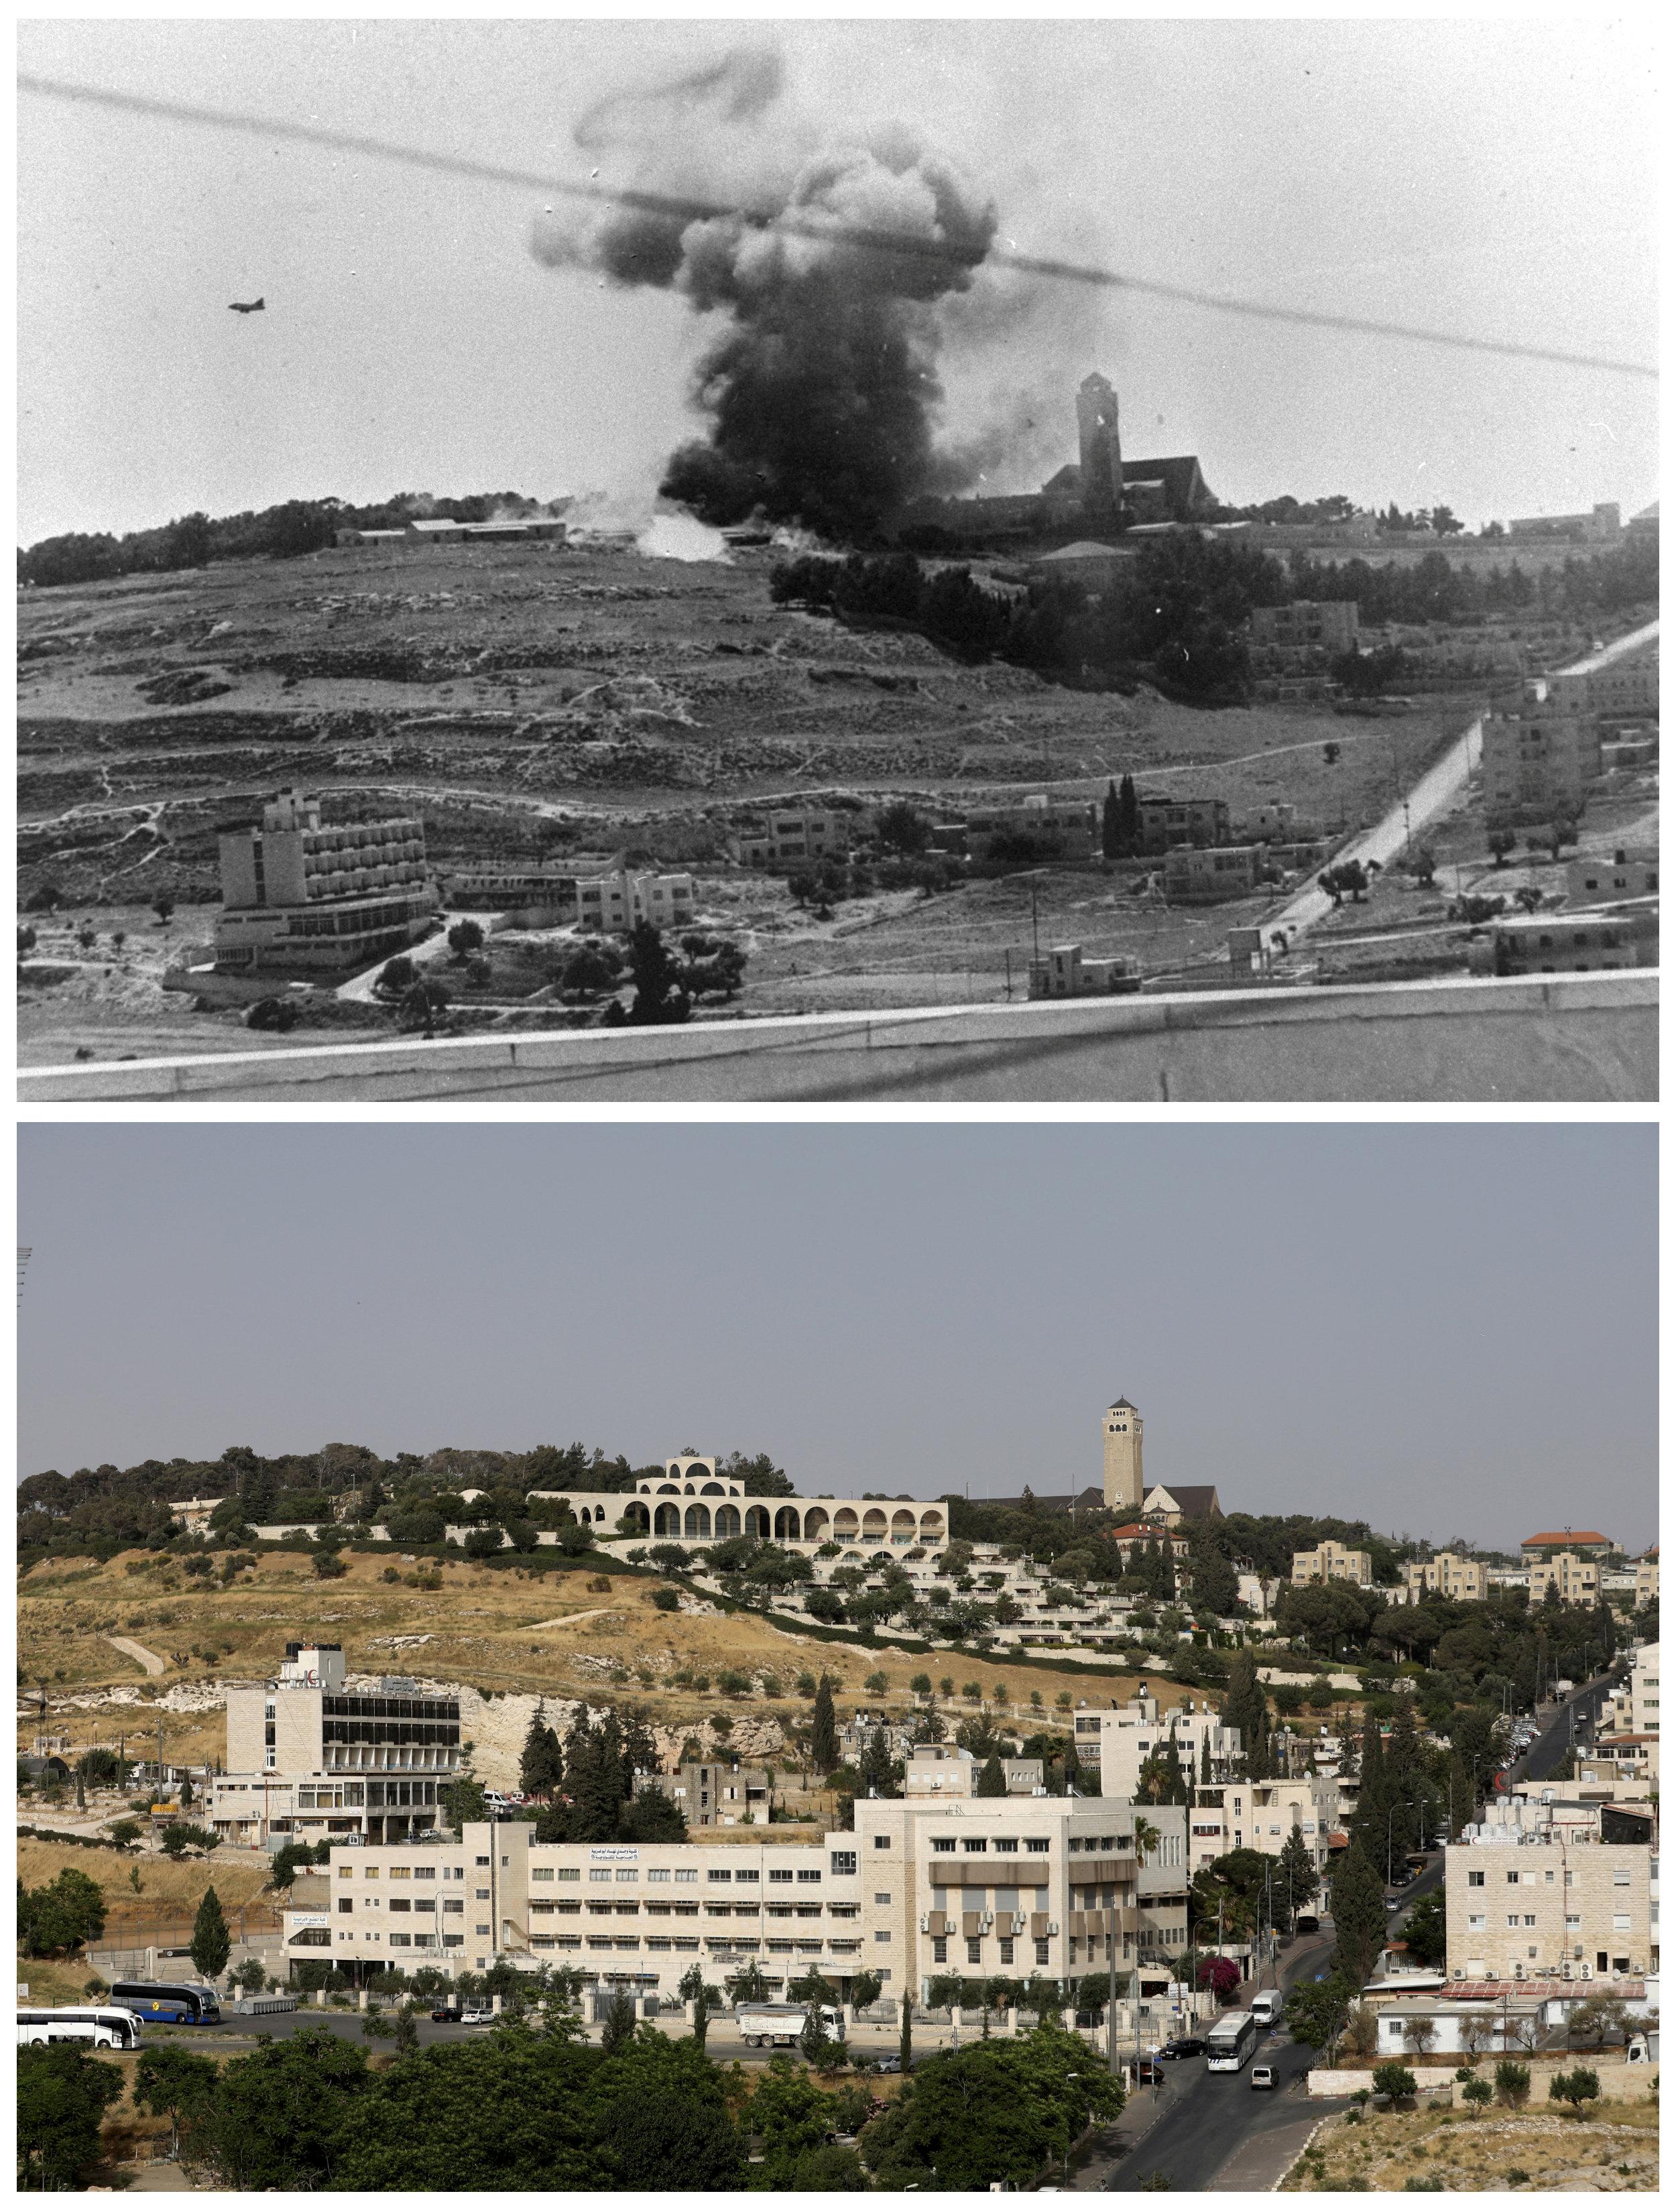 2017-05-21T070619Z_1502223112_RC1B53D25700_RTRMADP_3_ISRAEL-JERUSALEM-1967-WAR.JPG